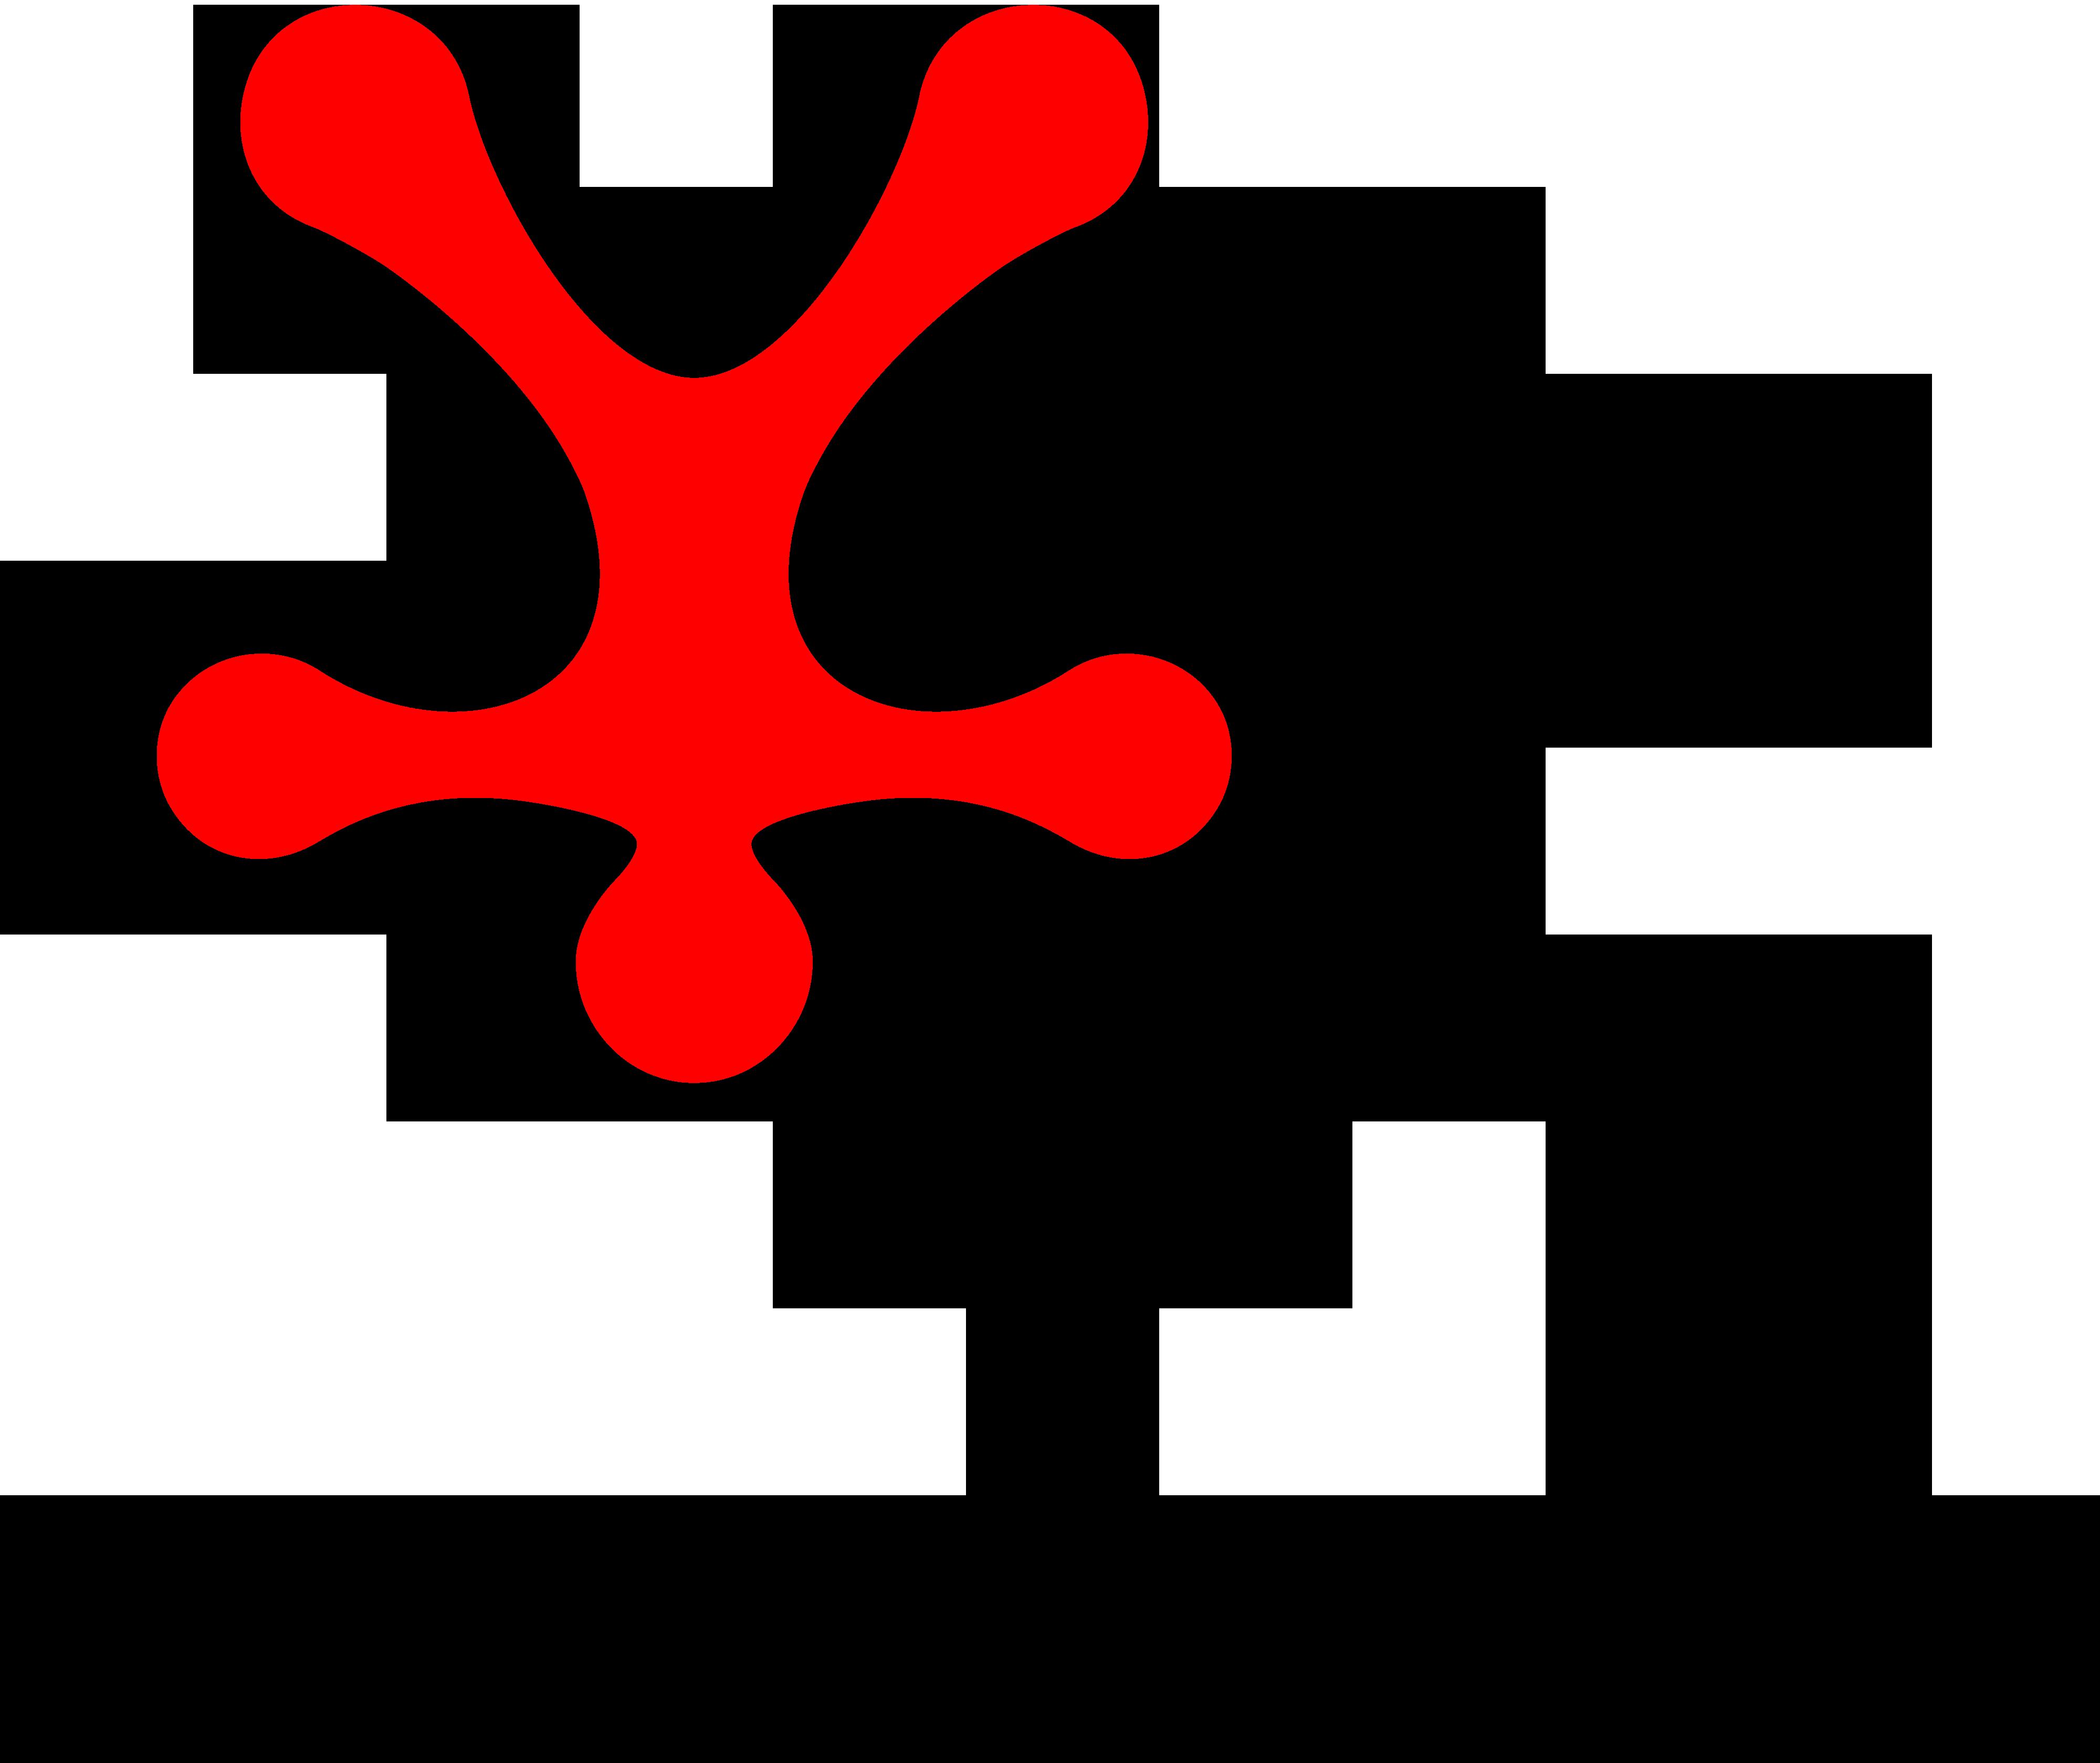 logo-turbolenza-1